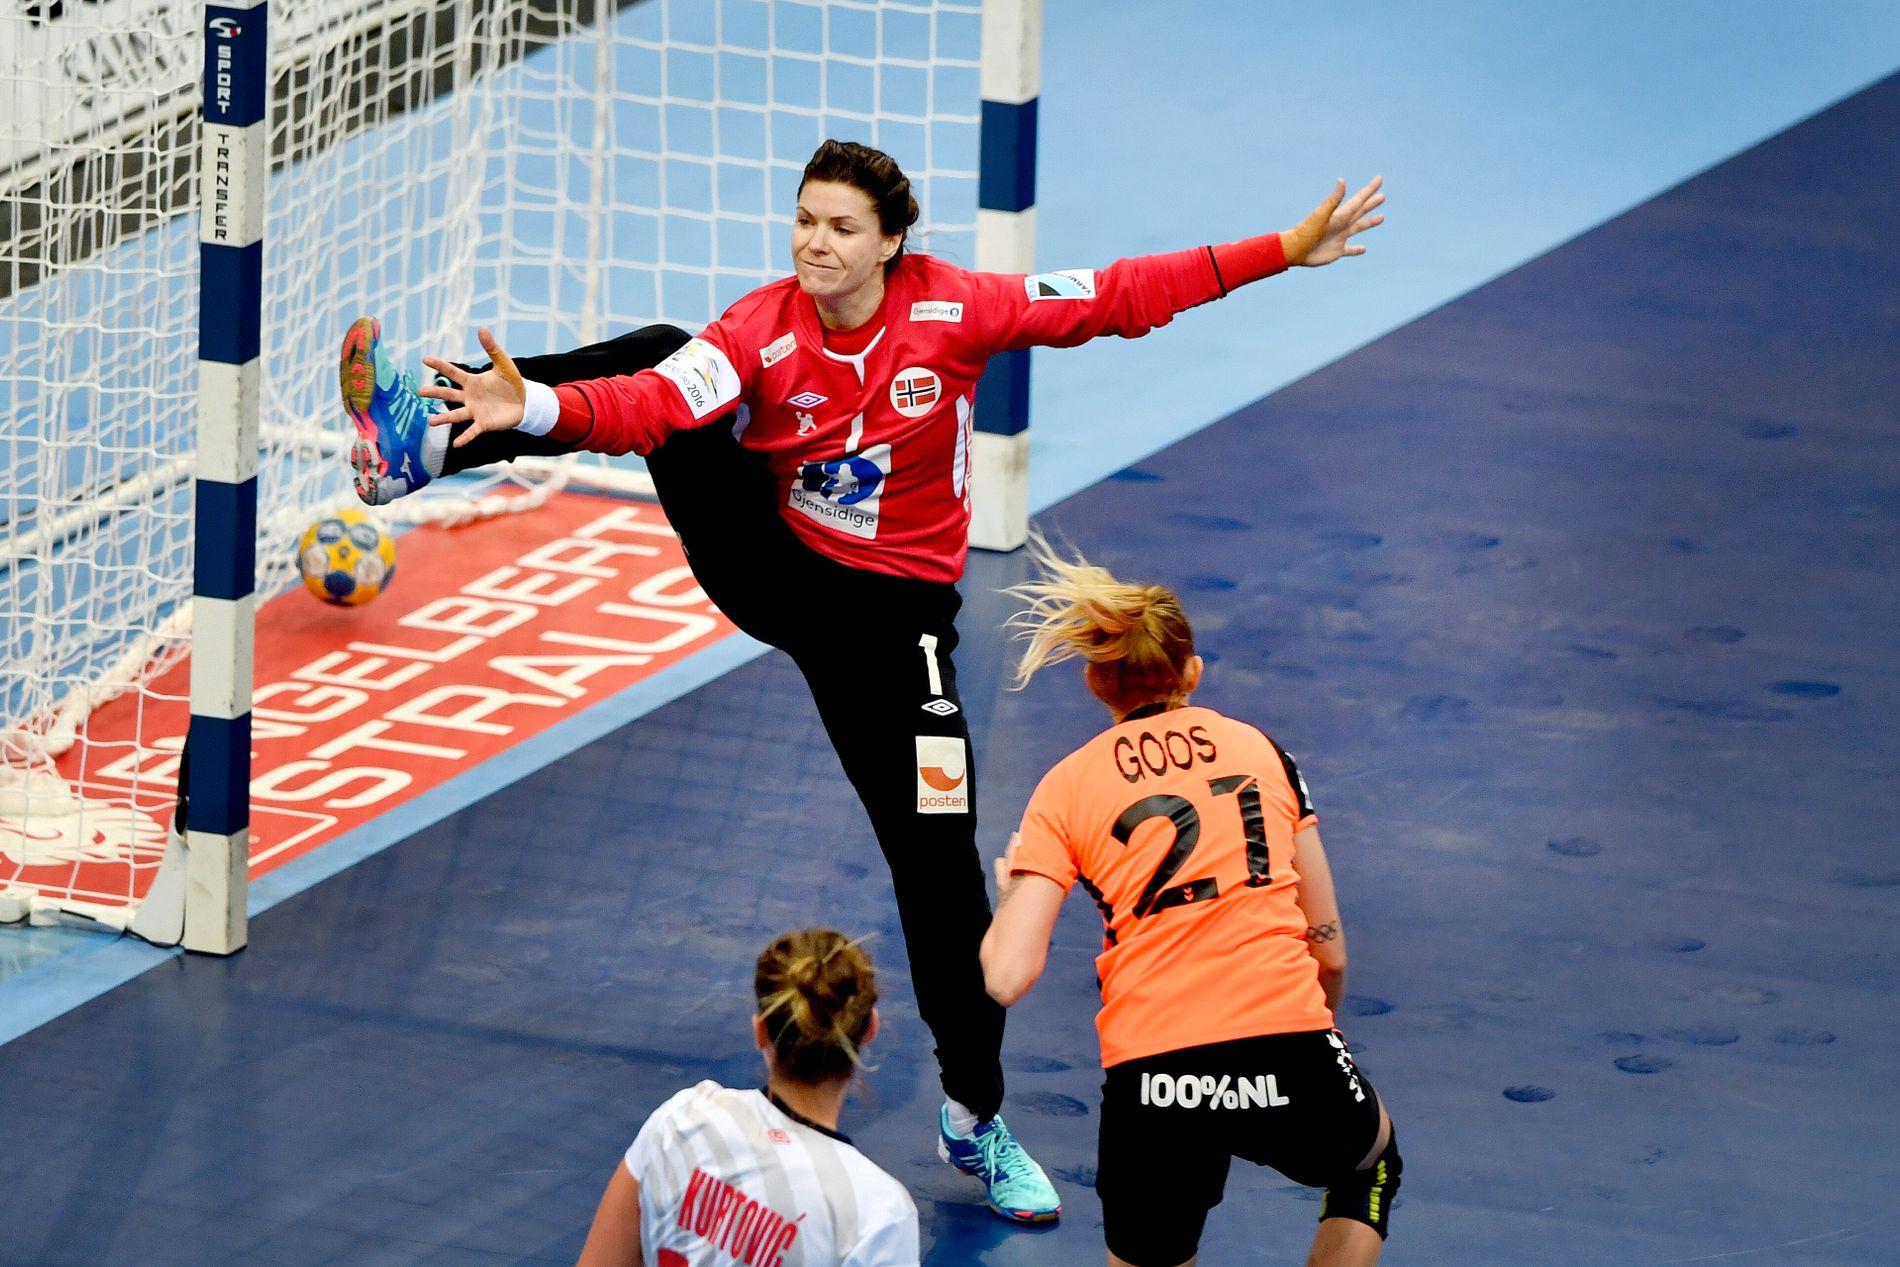 HØYT OG LAVT: Kari Aalvik Grimsbø har vunnet en rekke titler med håndballandslaget.